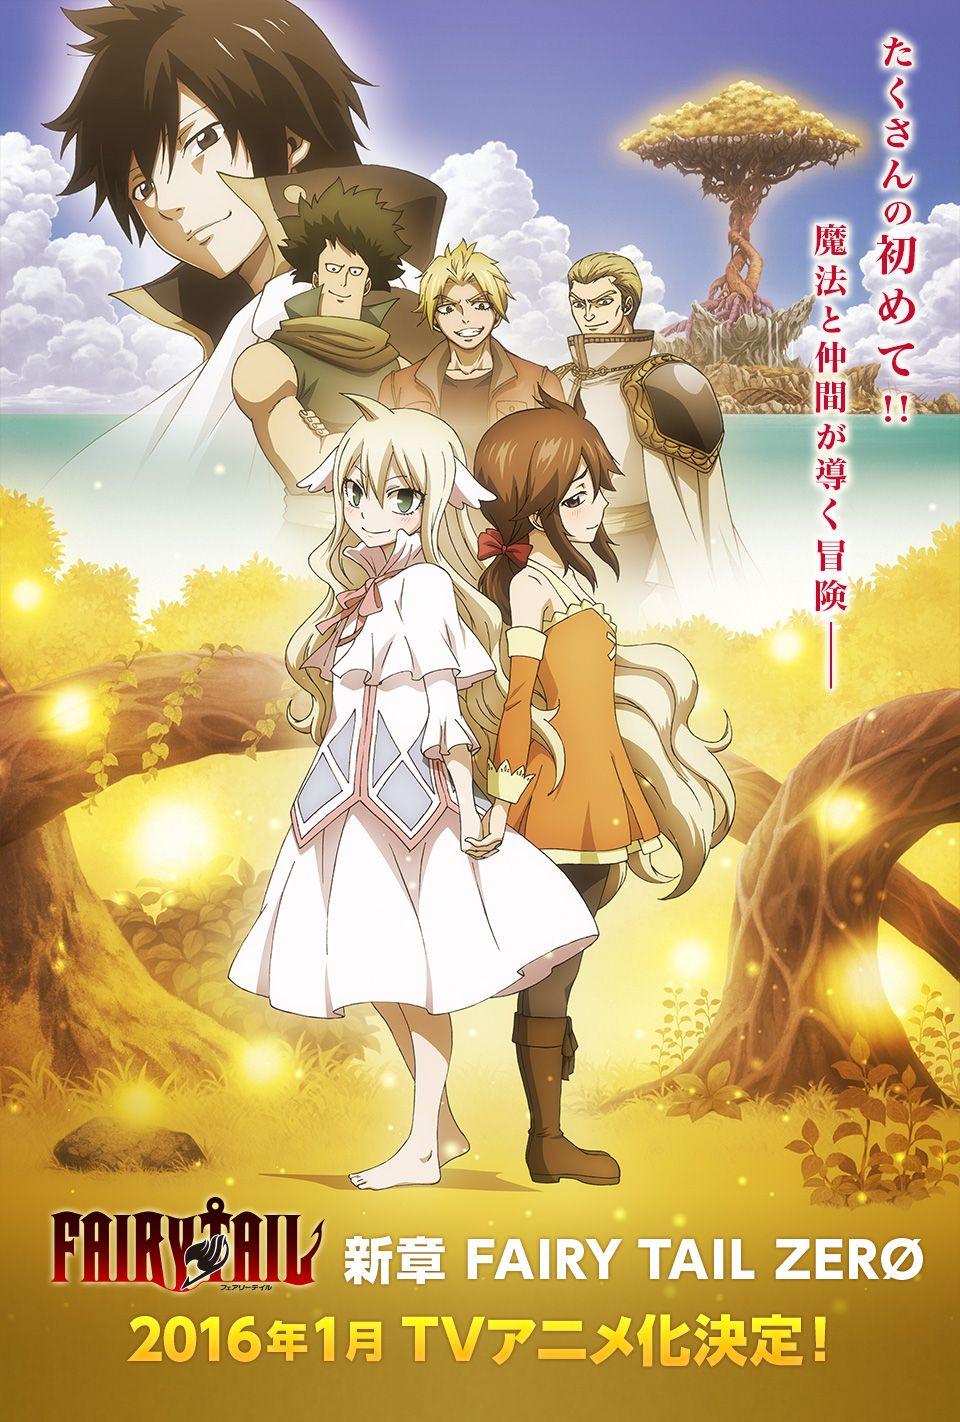 Fairy Tail Zero anime